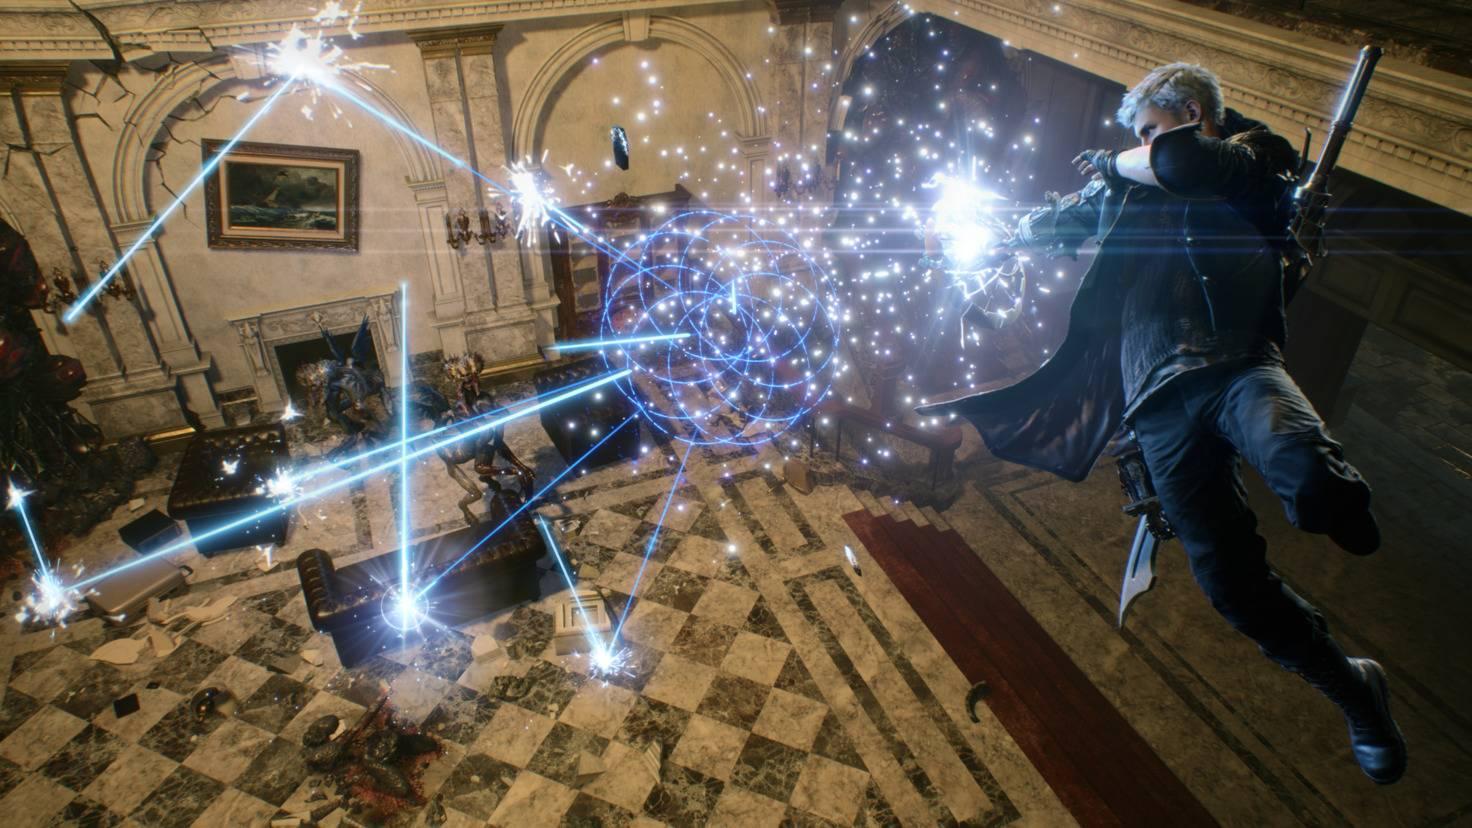 Mit den Devil Bringern verfügt er über mächtige Cyborg-Arme mit verschiedenen Fähigkeiten.